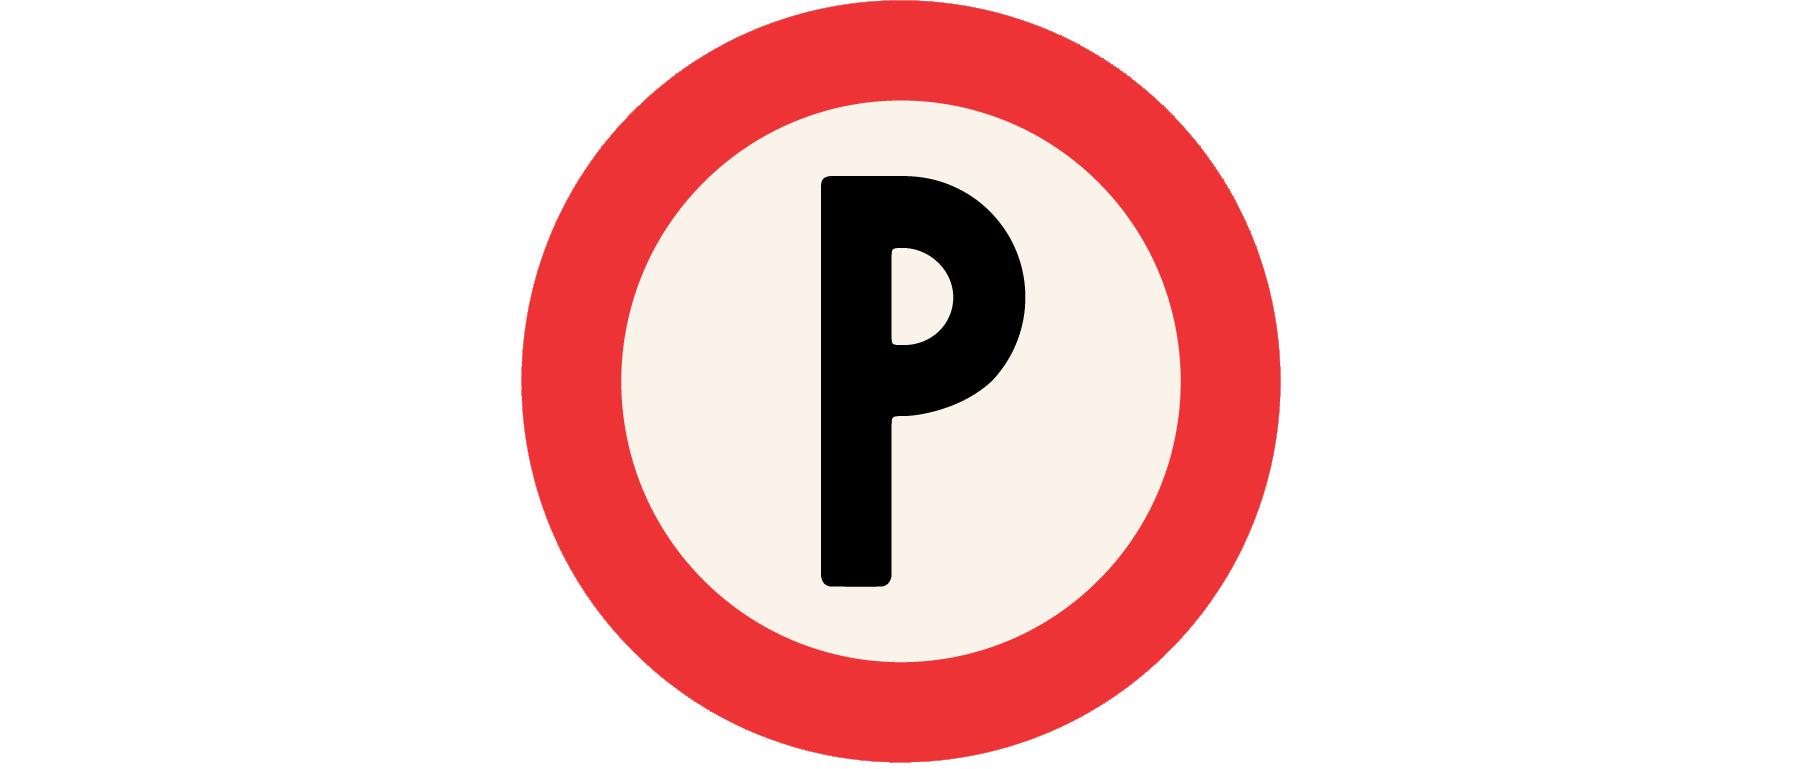 Parce Rum P Icon